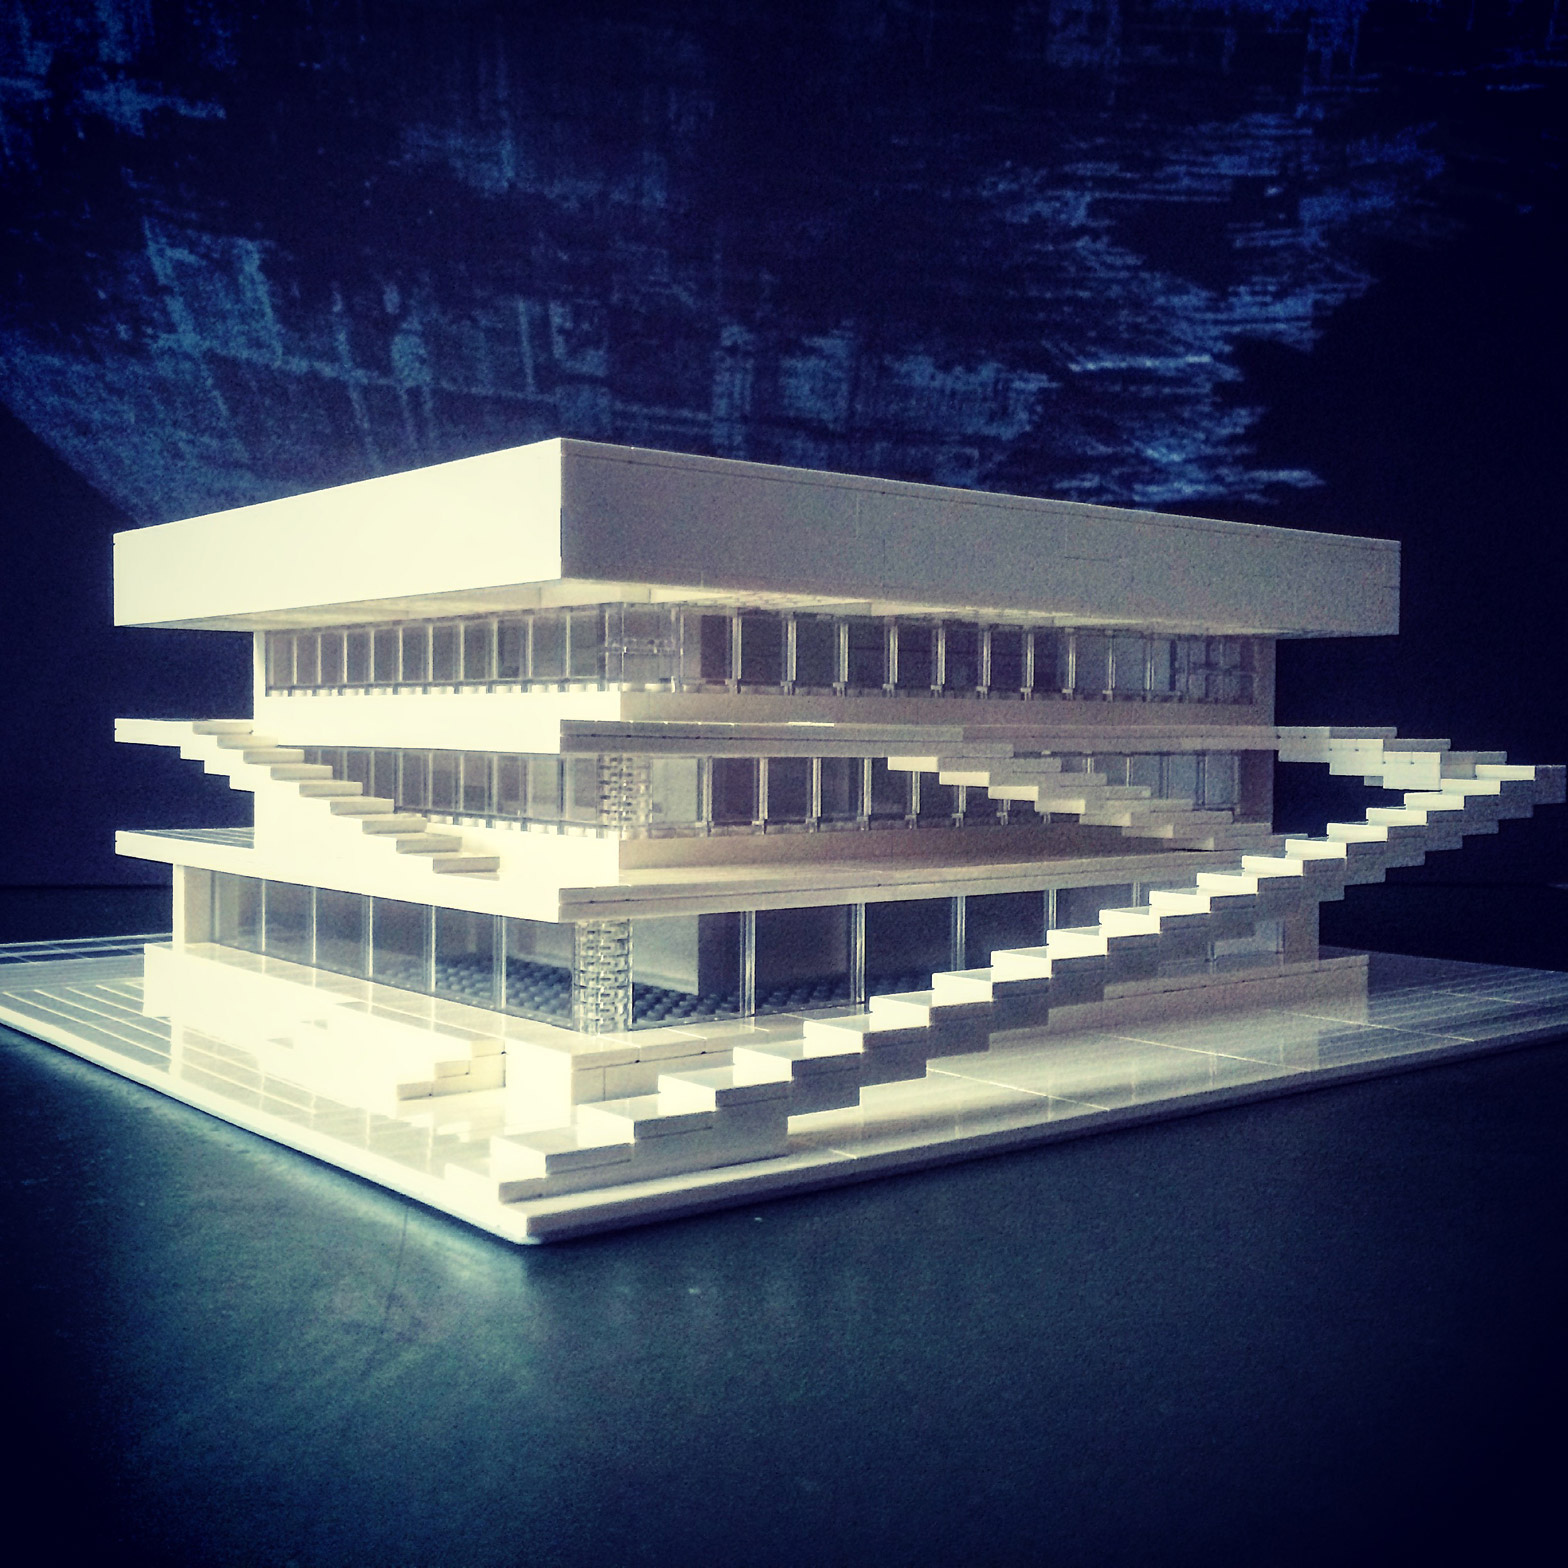 Uno de los modelos arquitectónicos de Arndt Schlaudraff